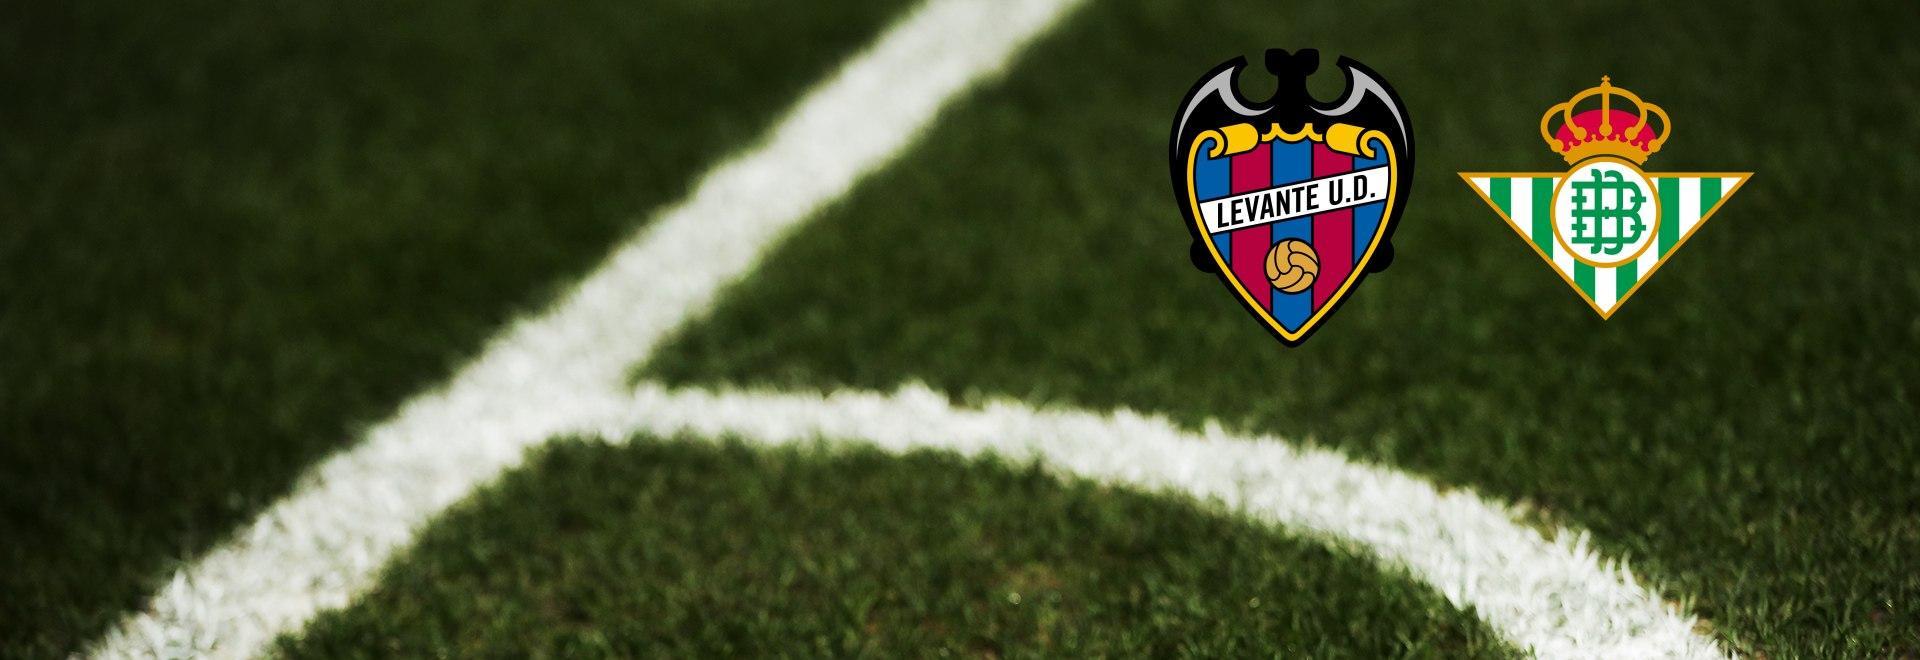 Levante - Real Betis. 32a g.